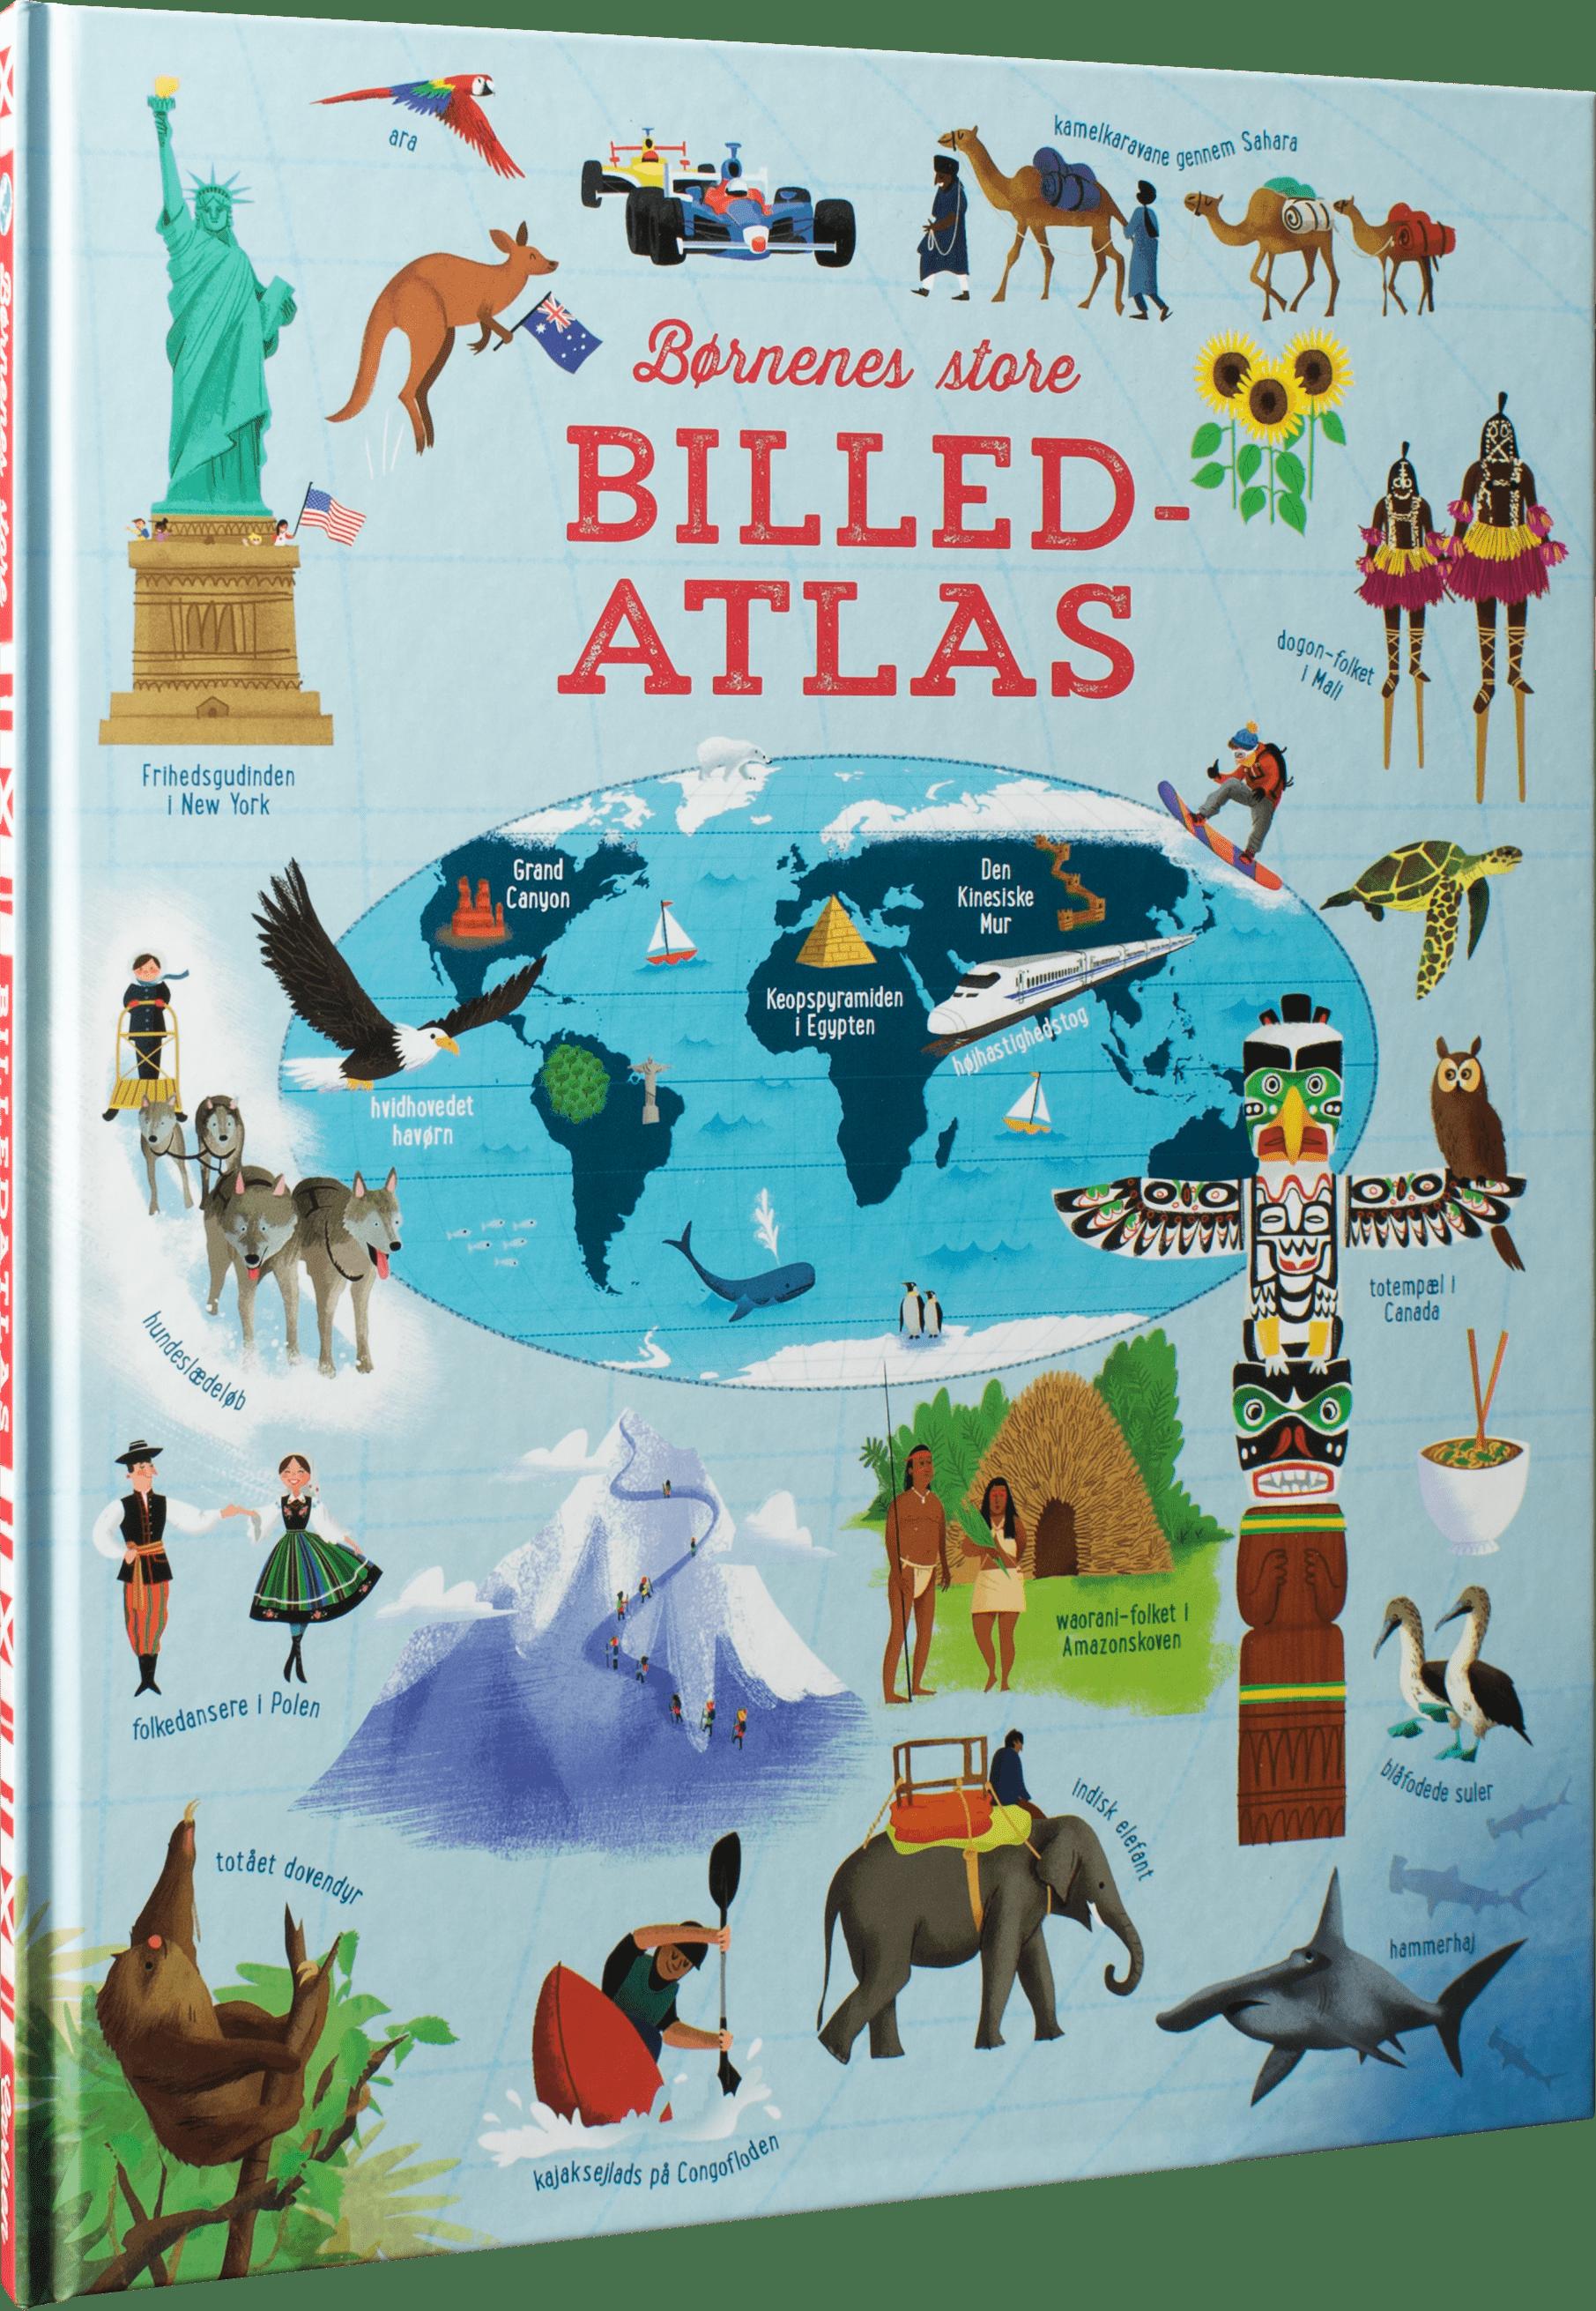 Børnenes store billedatlas, atlas, børnebøger, julegaver